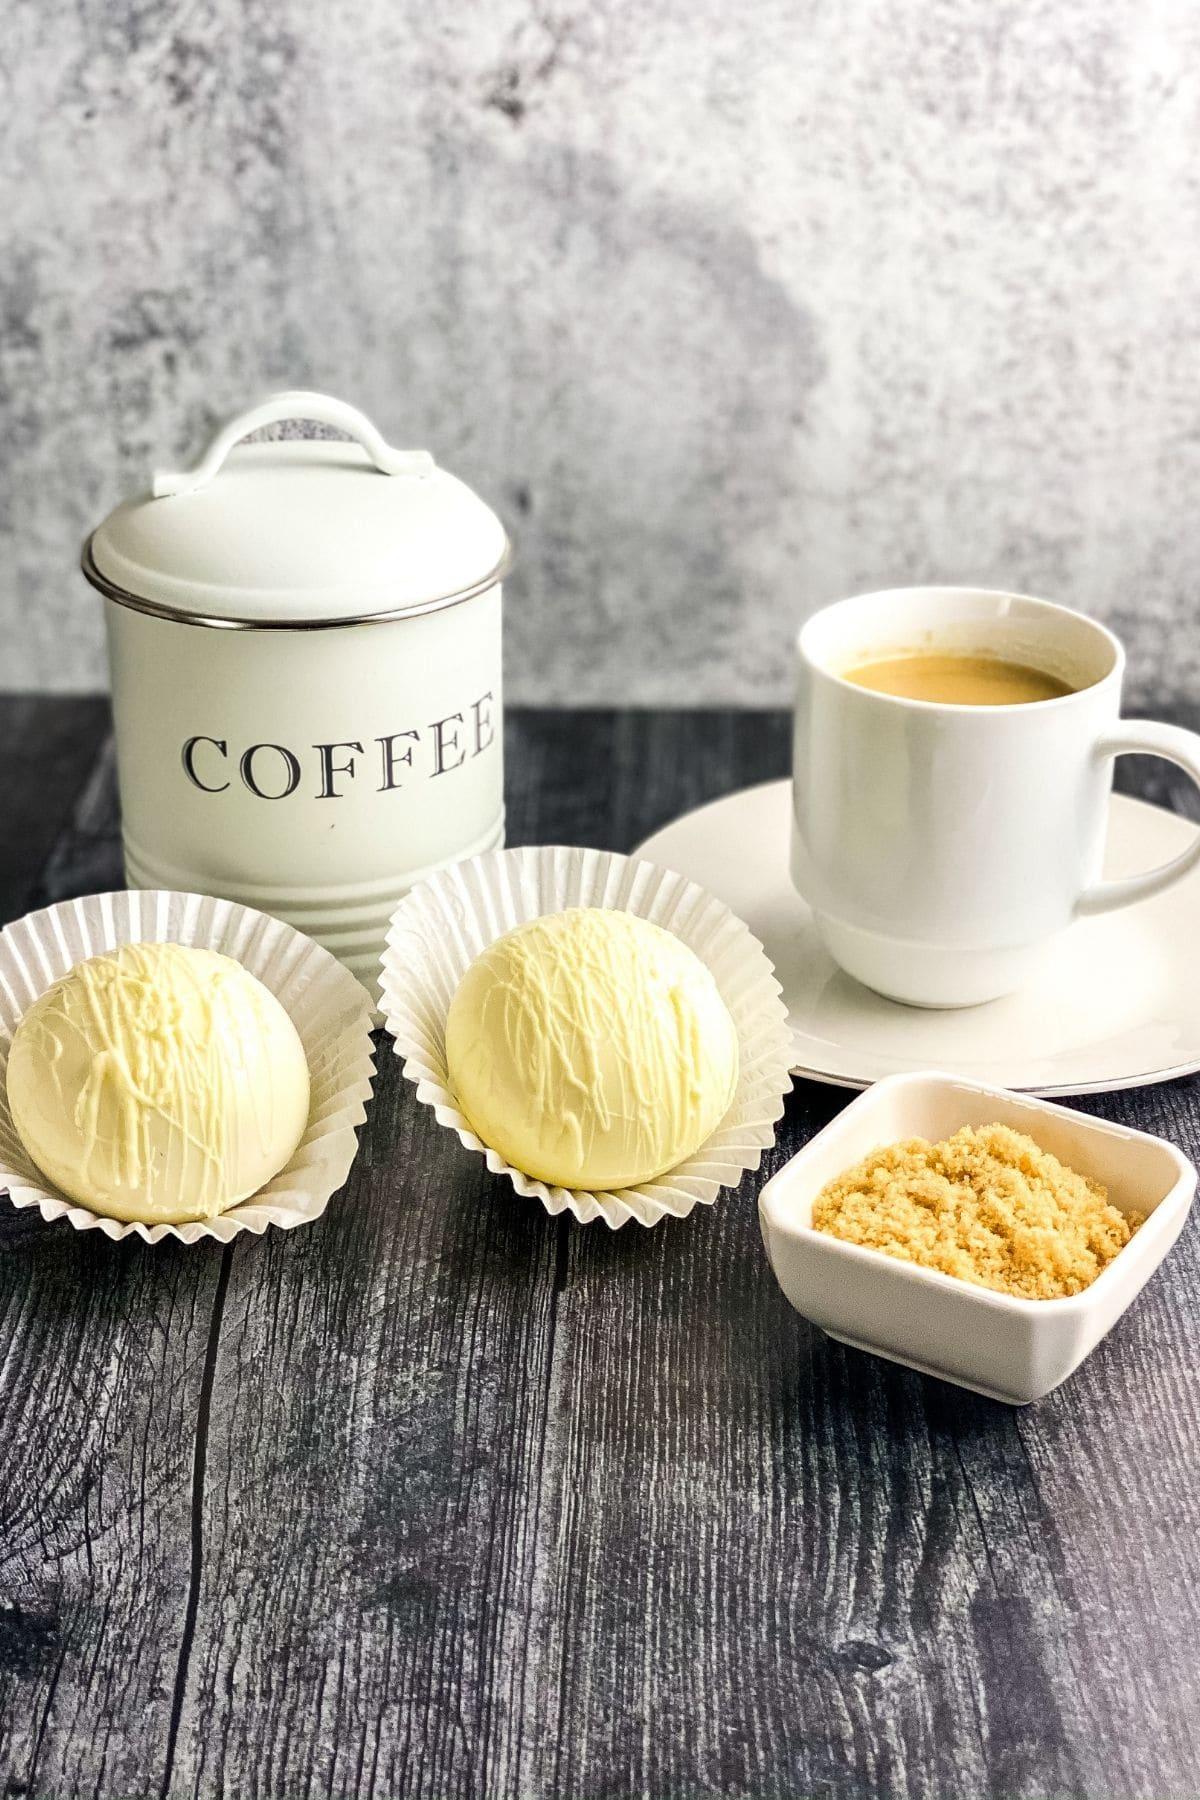 Coffee bombs by mug